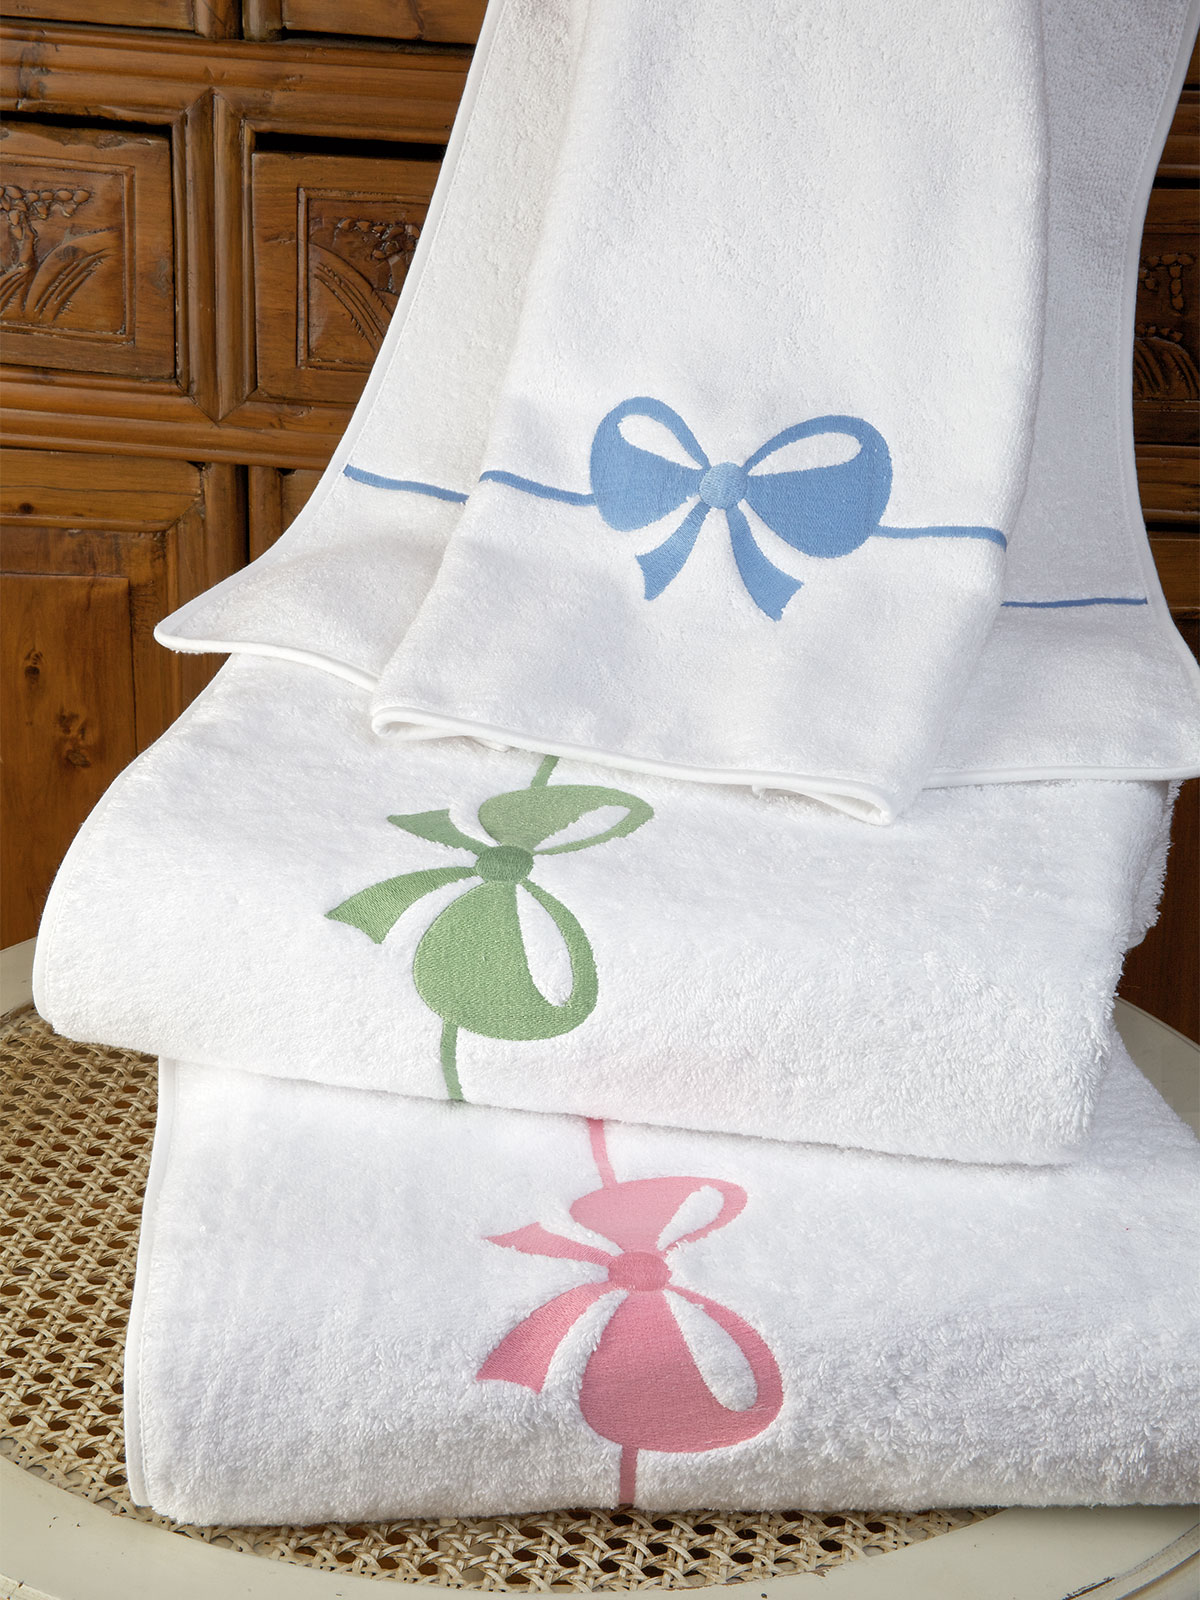 Tiffani Bath Collection Luxury Bath Linen Schweitzer Linen